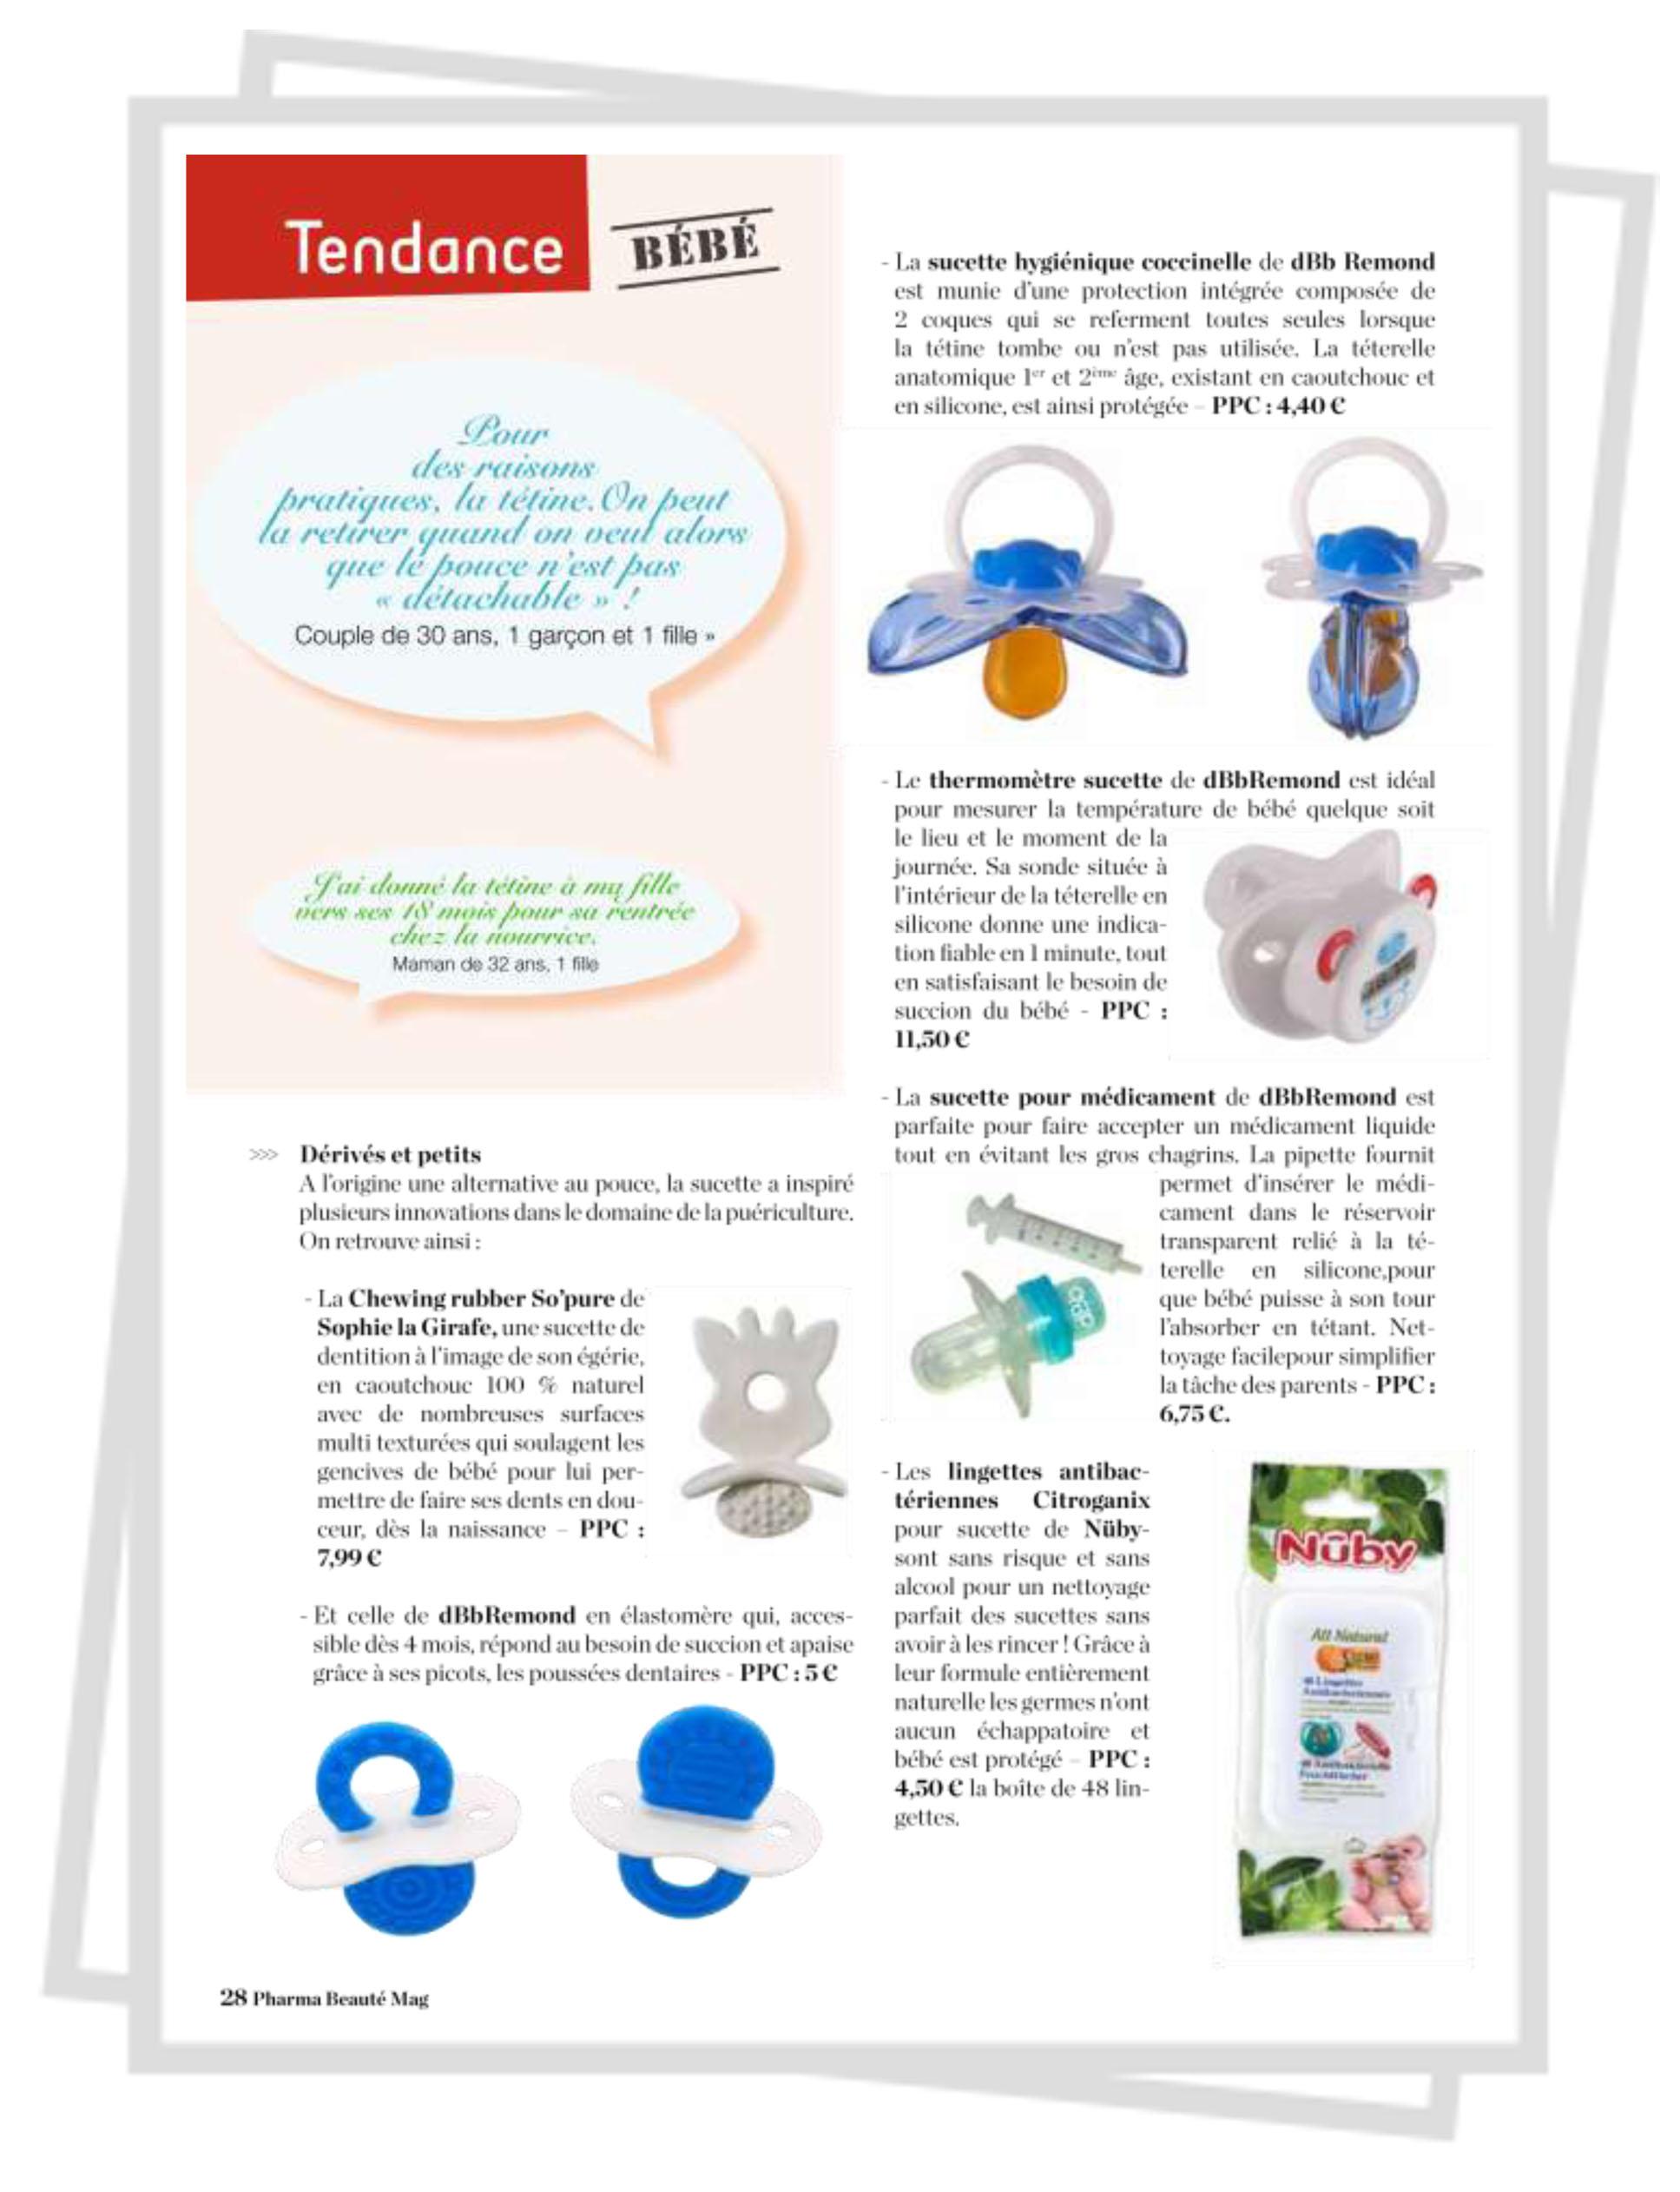 pharma beaute mag-3